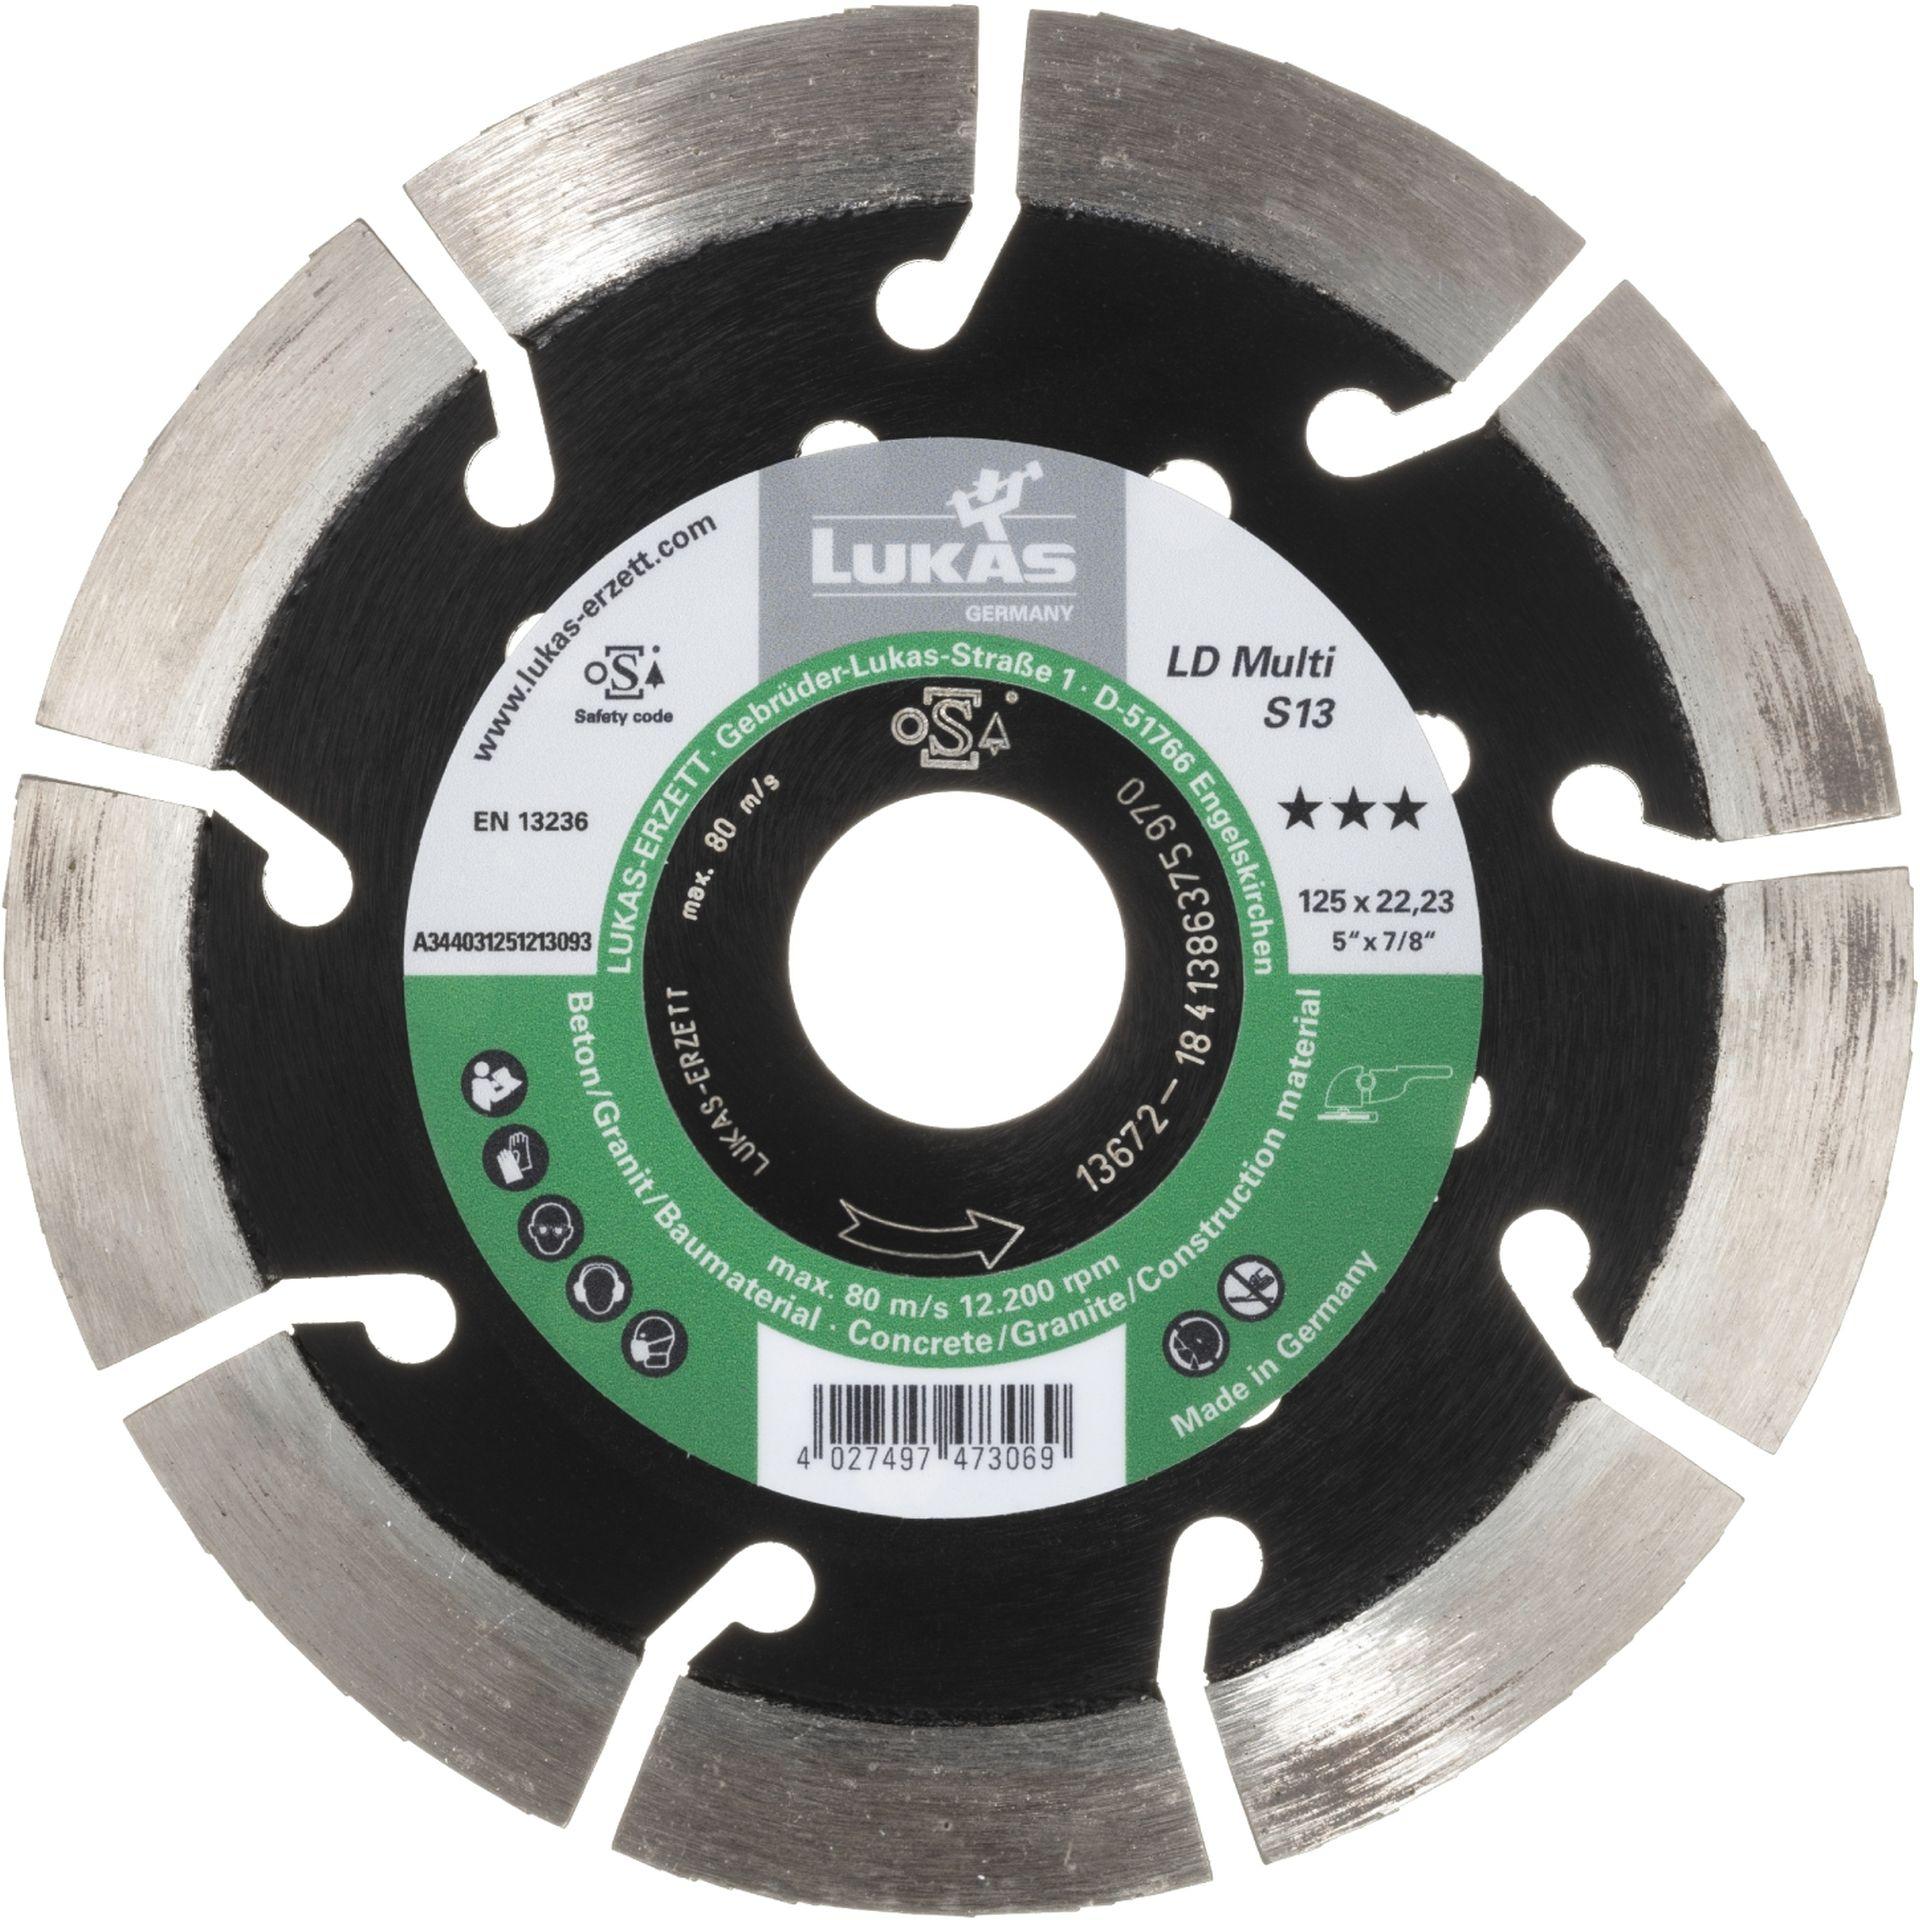 LUKAS Diamanttrennscheibe LD Multi S13 für Beton/ Baumaterial Ø 125 mm